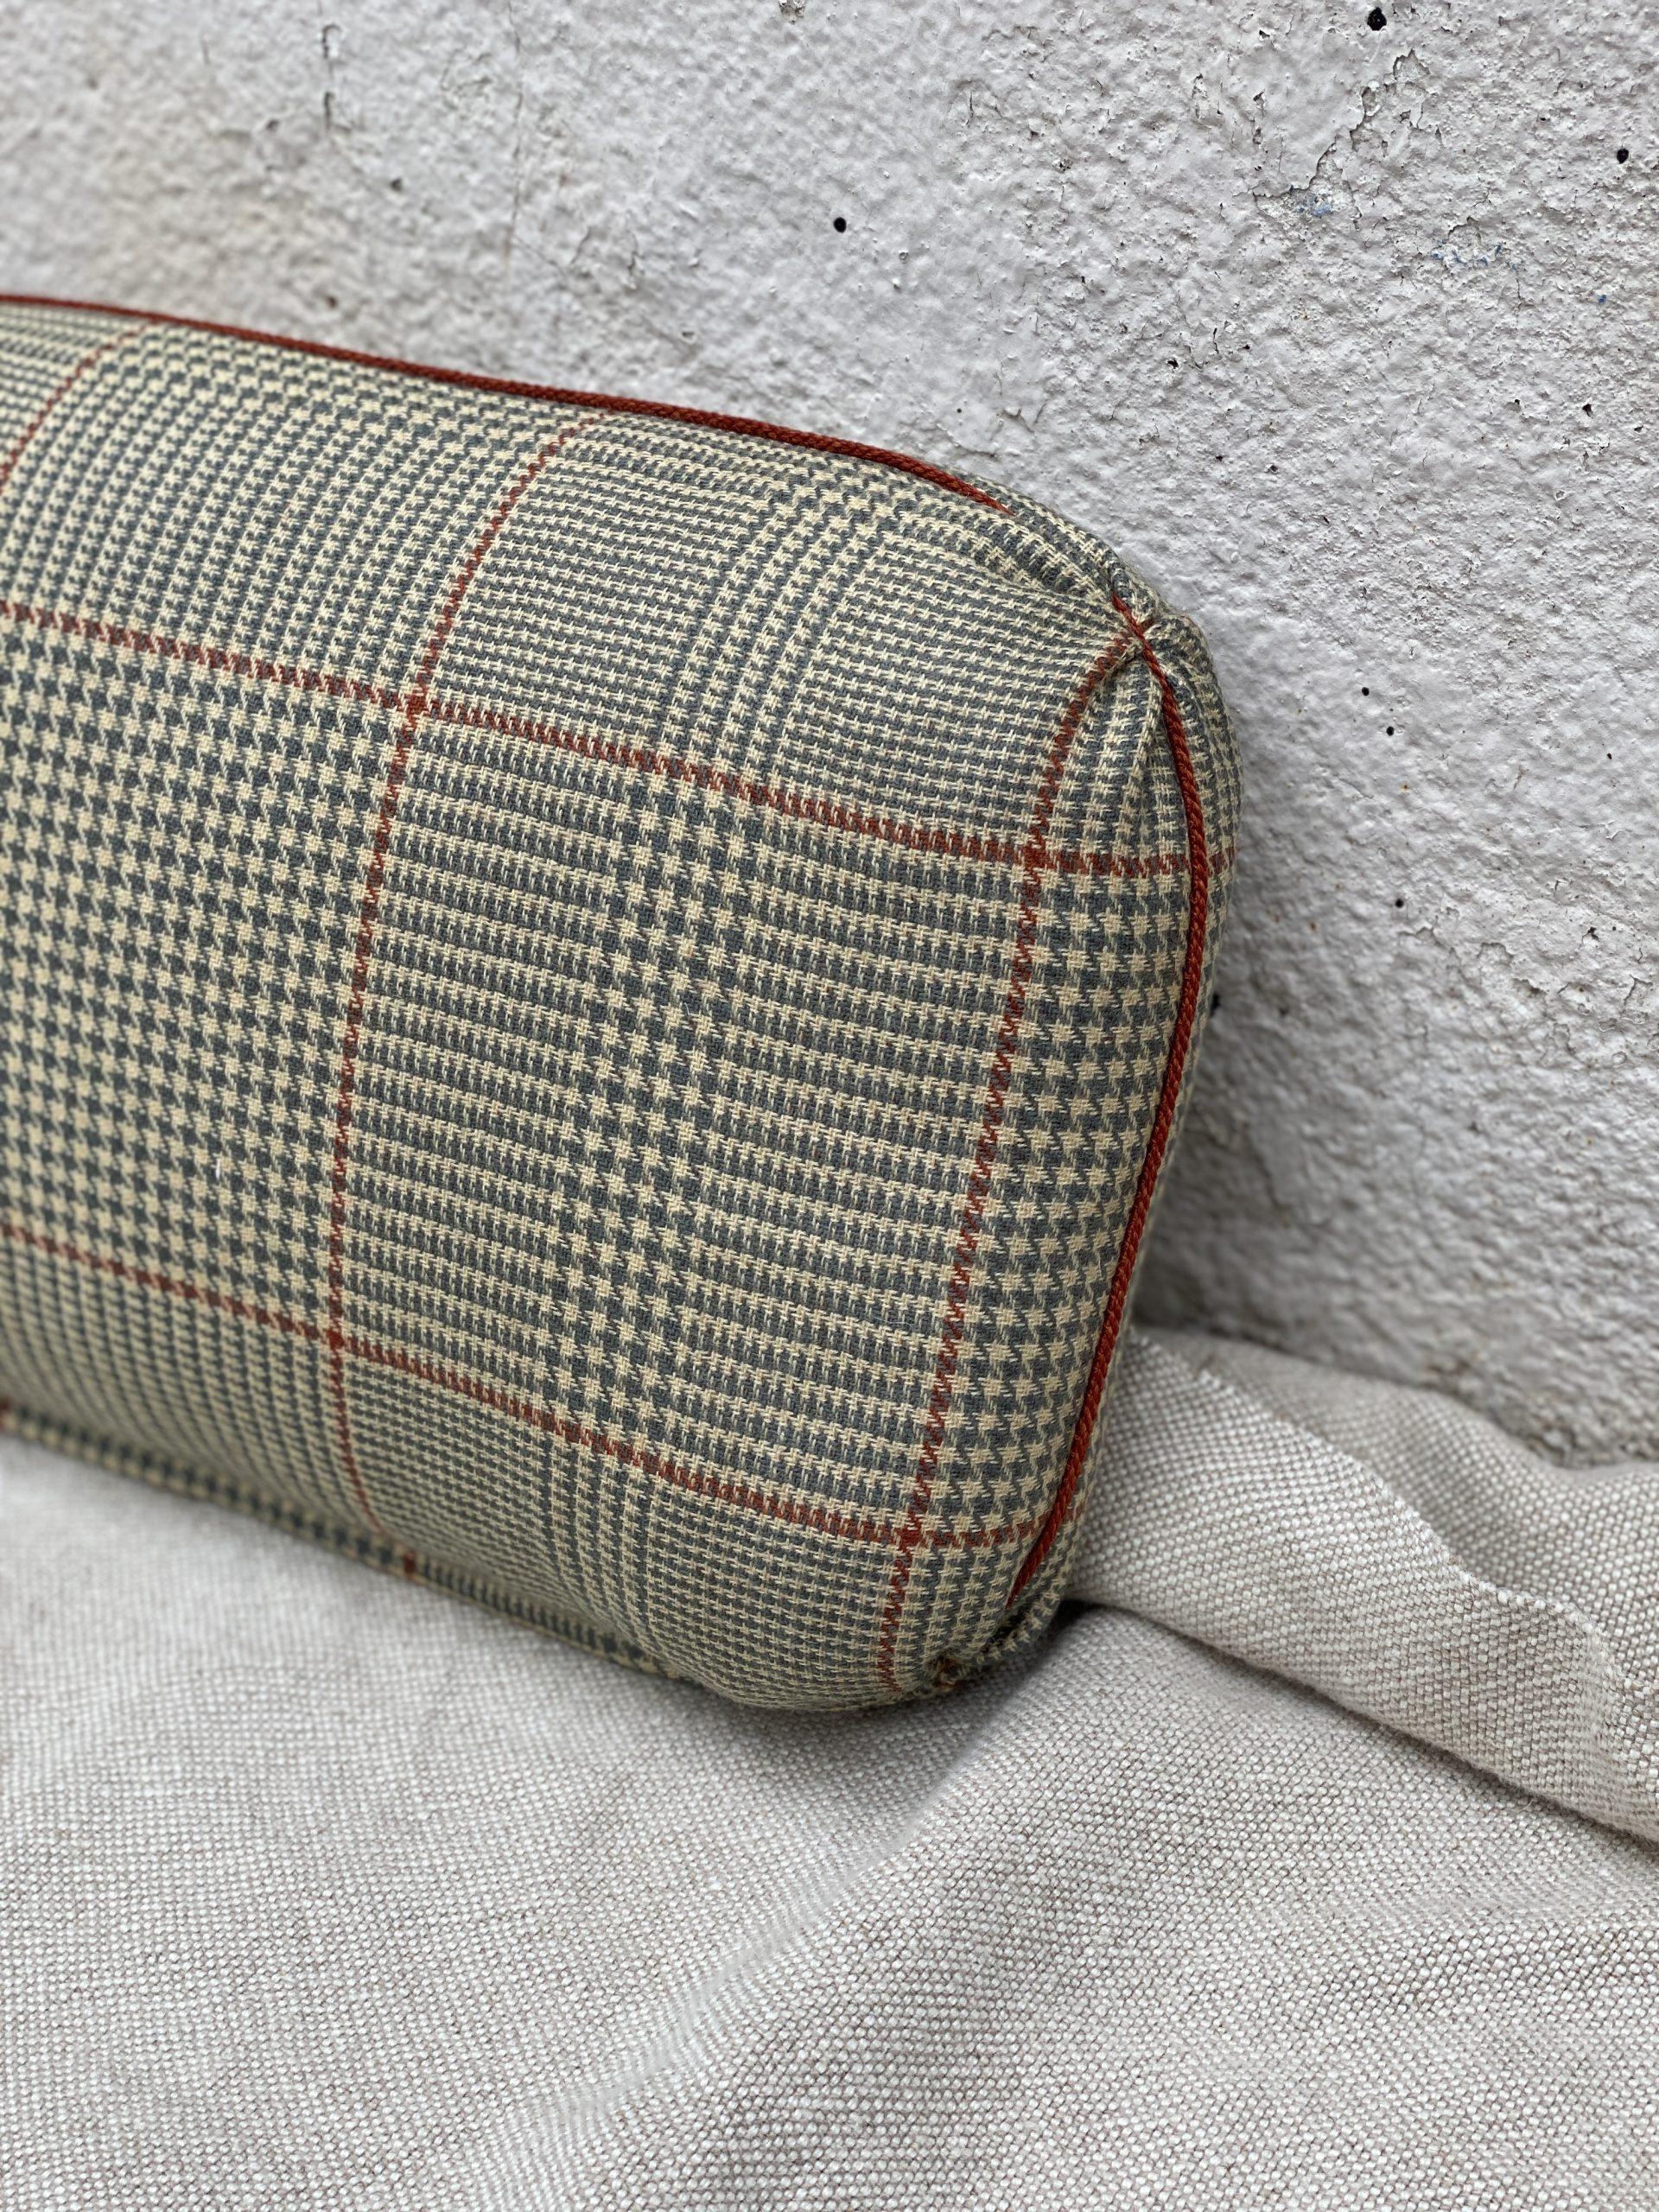 Hillside Manor Decor Pillows